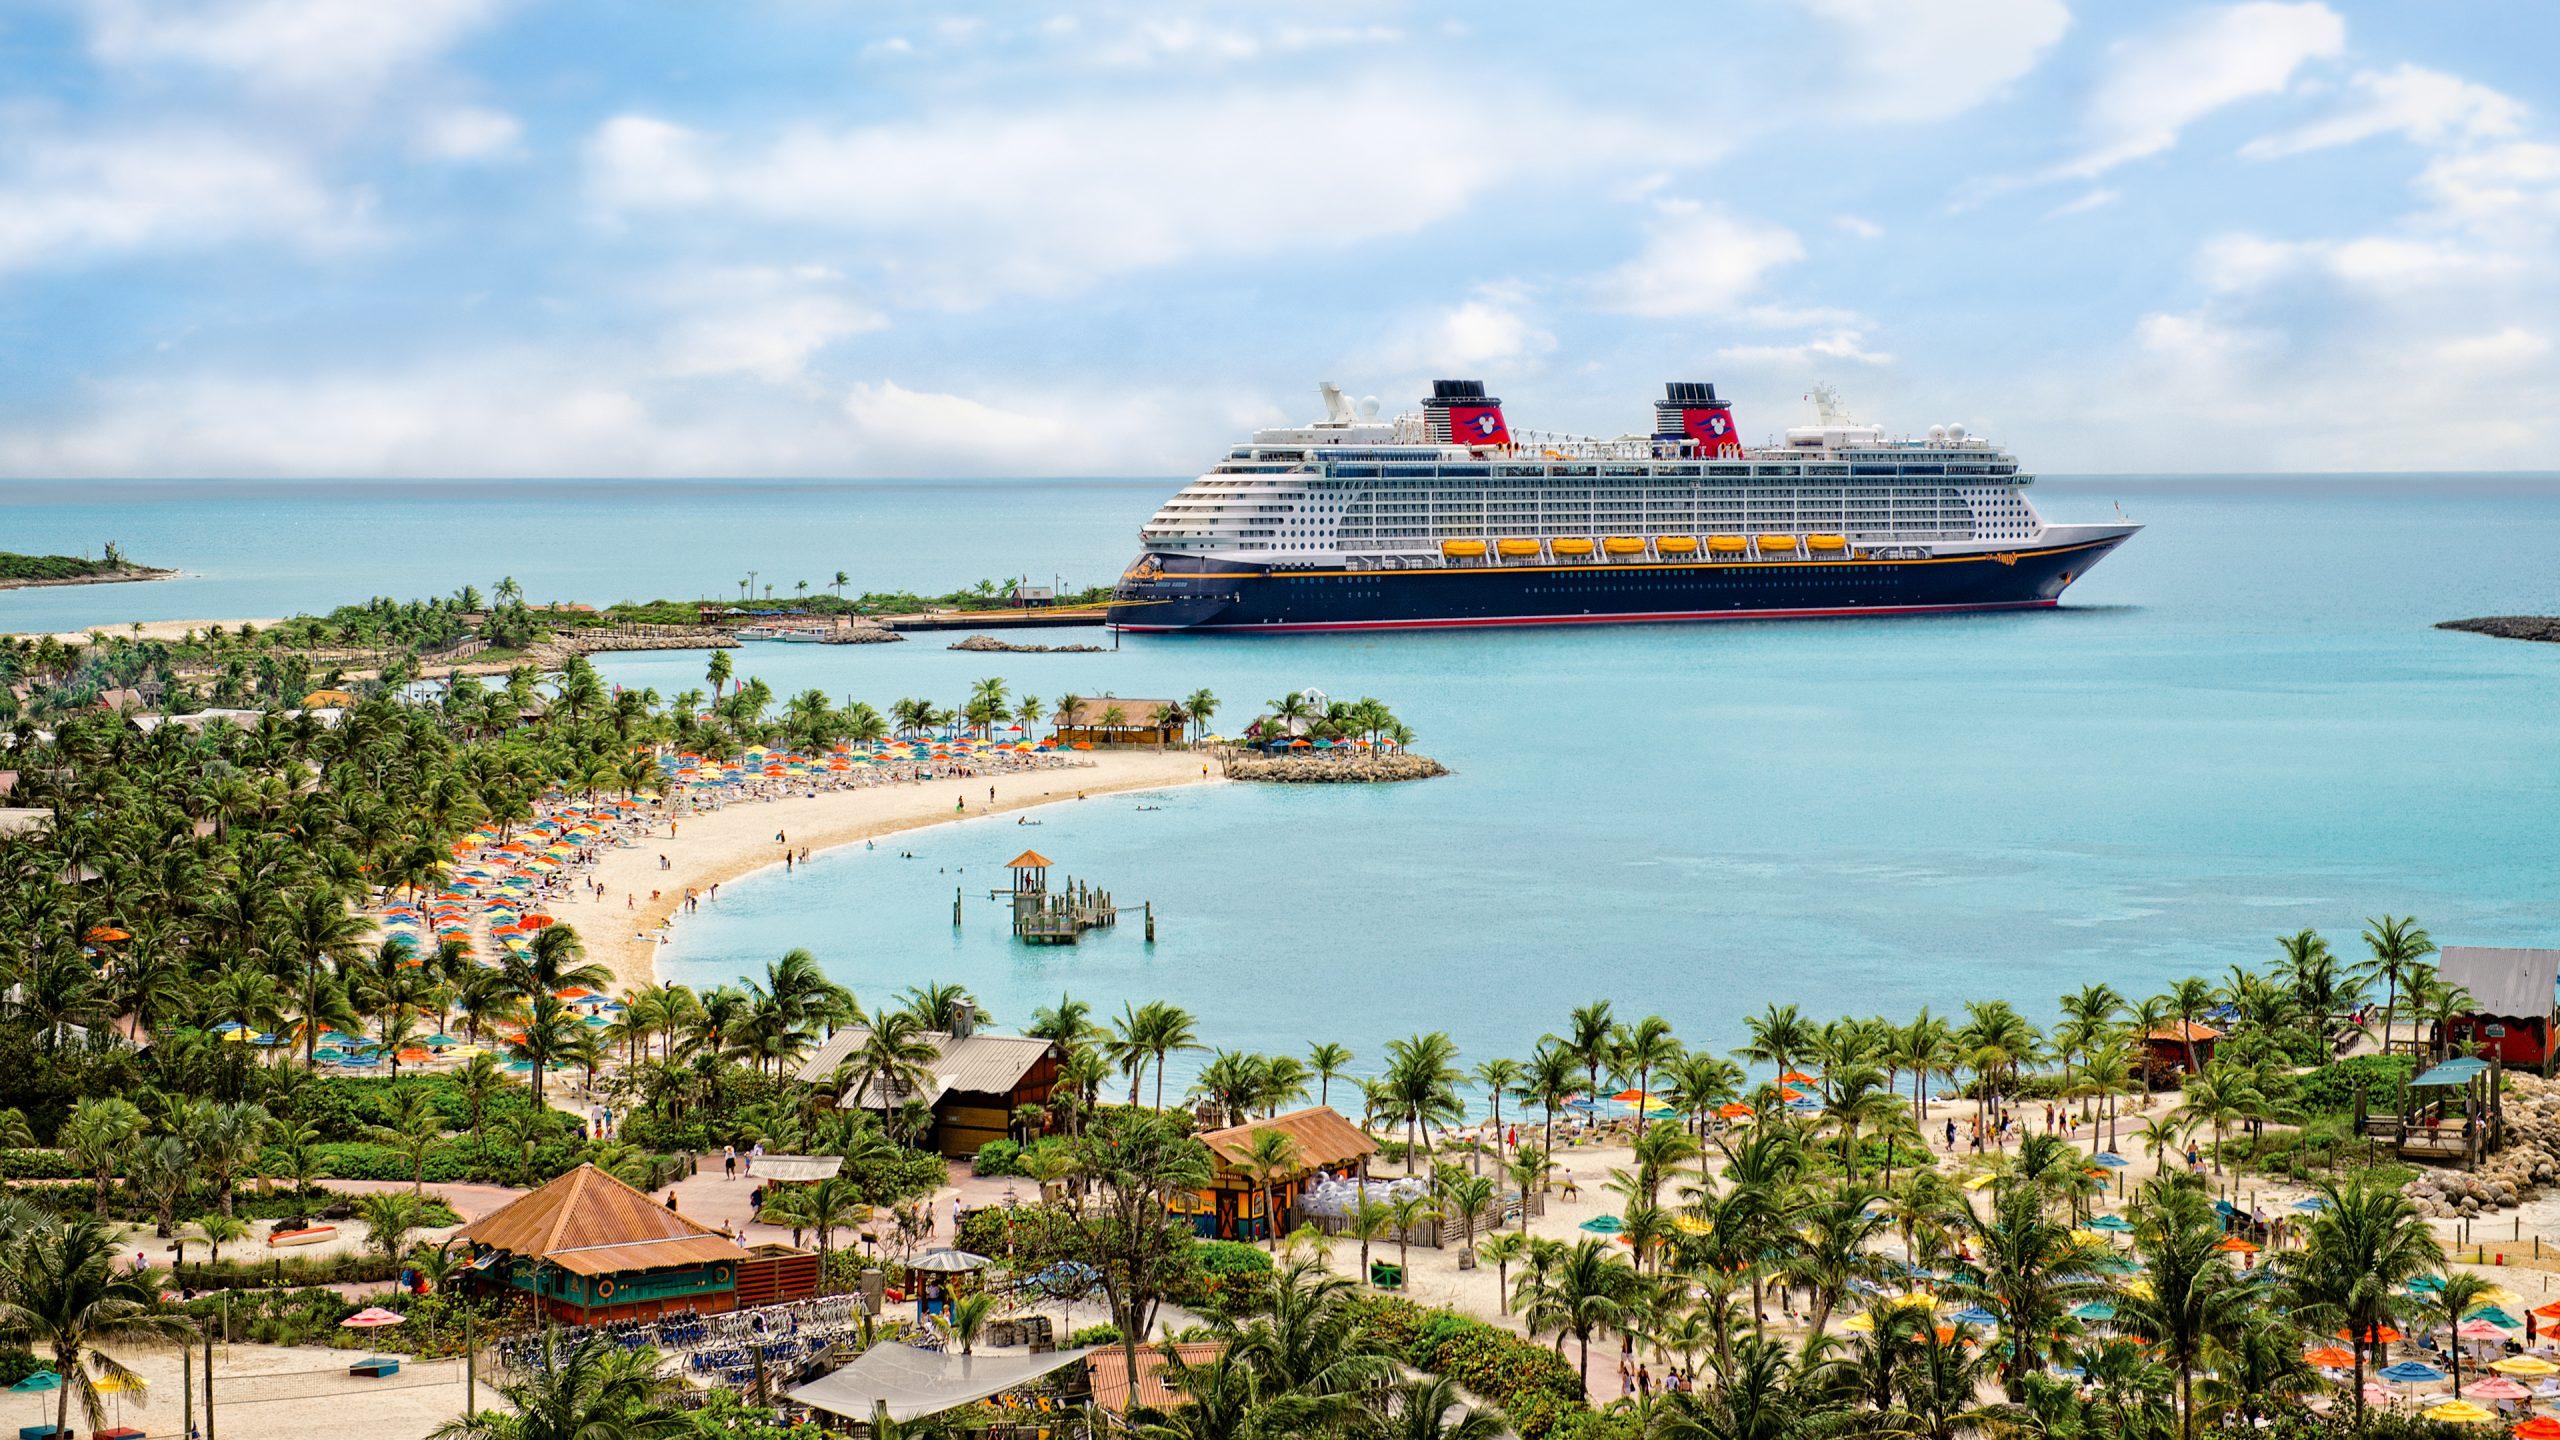 Disney Cruise Line nimmt im Sommer 2022 Kurs auf die griechischen Inseln und weitere Mittelmeerregionen sowie Nordeuropa.